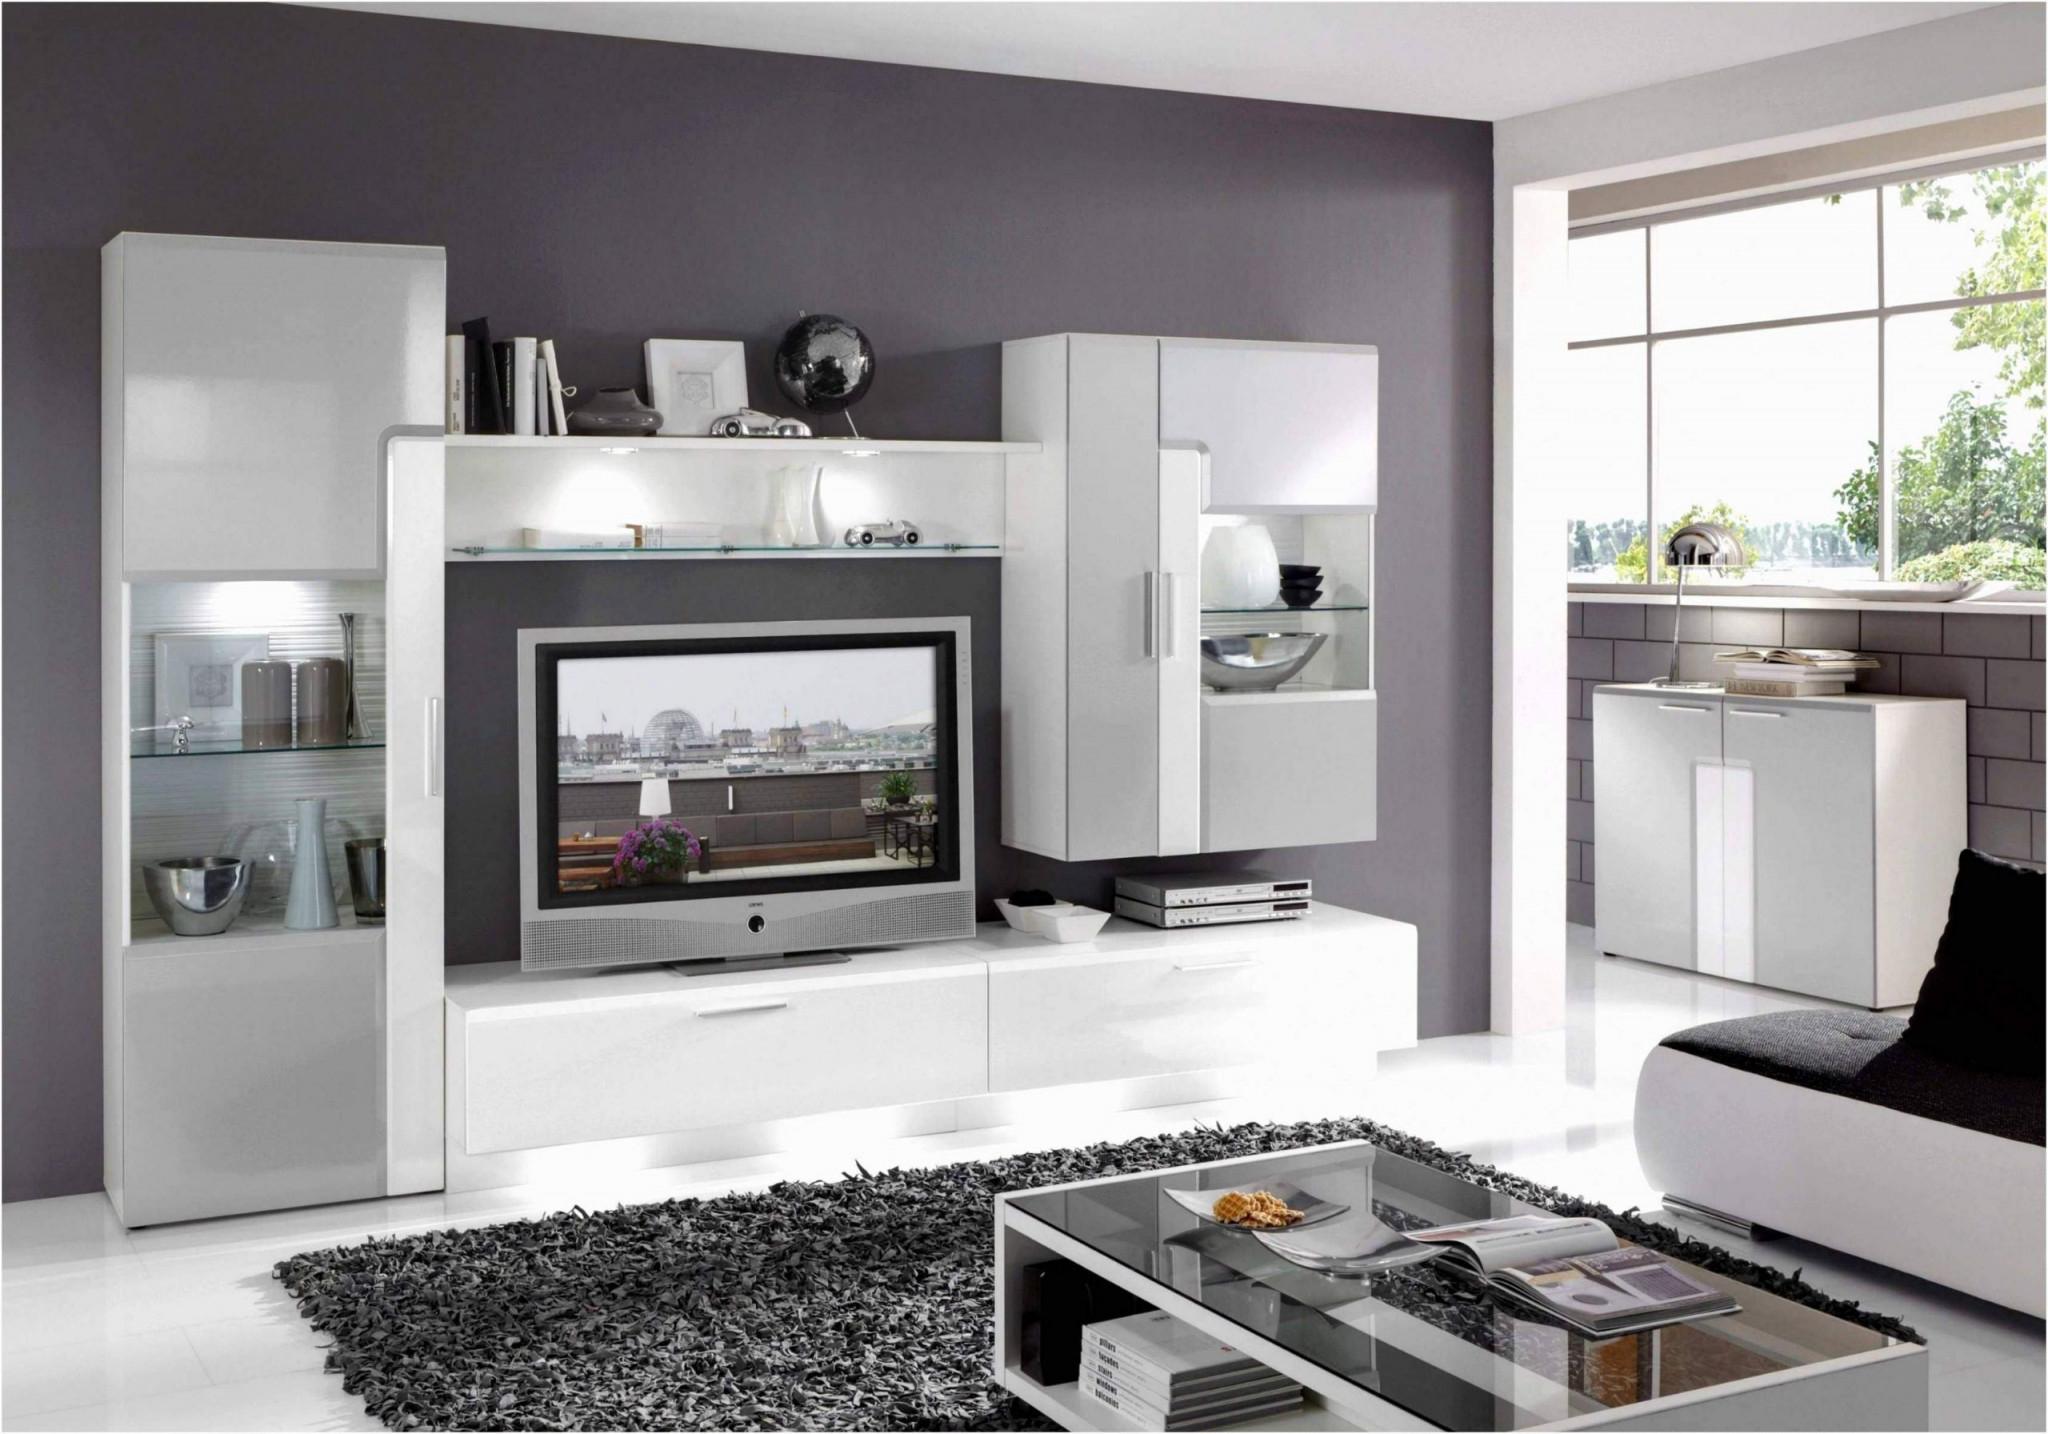 Wohnzimmer Einrichten Grau Frisch Wohnzimmer Ideen Rote von Wohnzimmer Einrichten Grau Bild